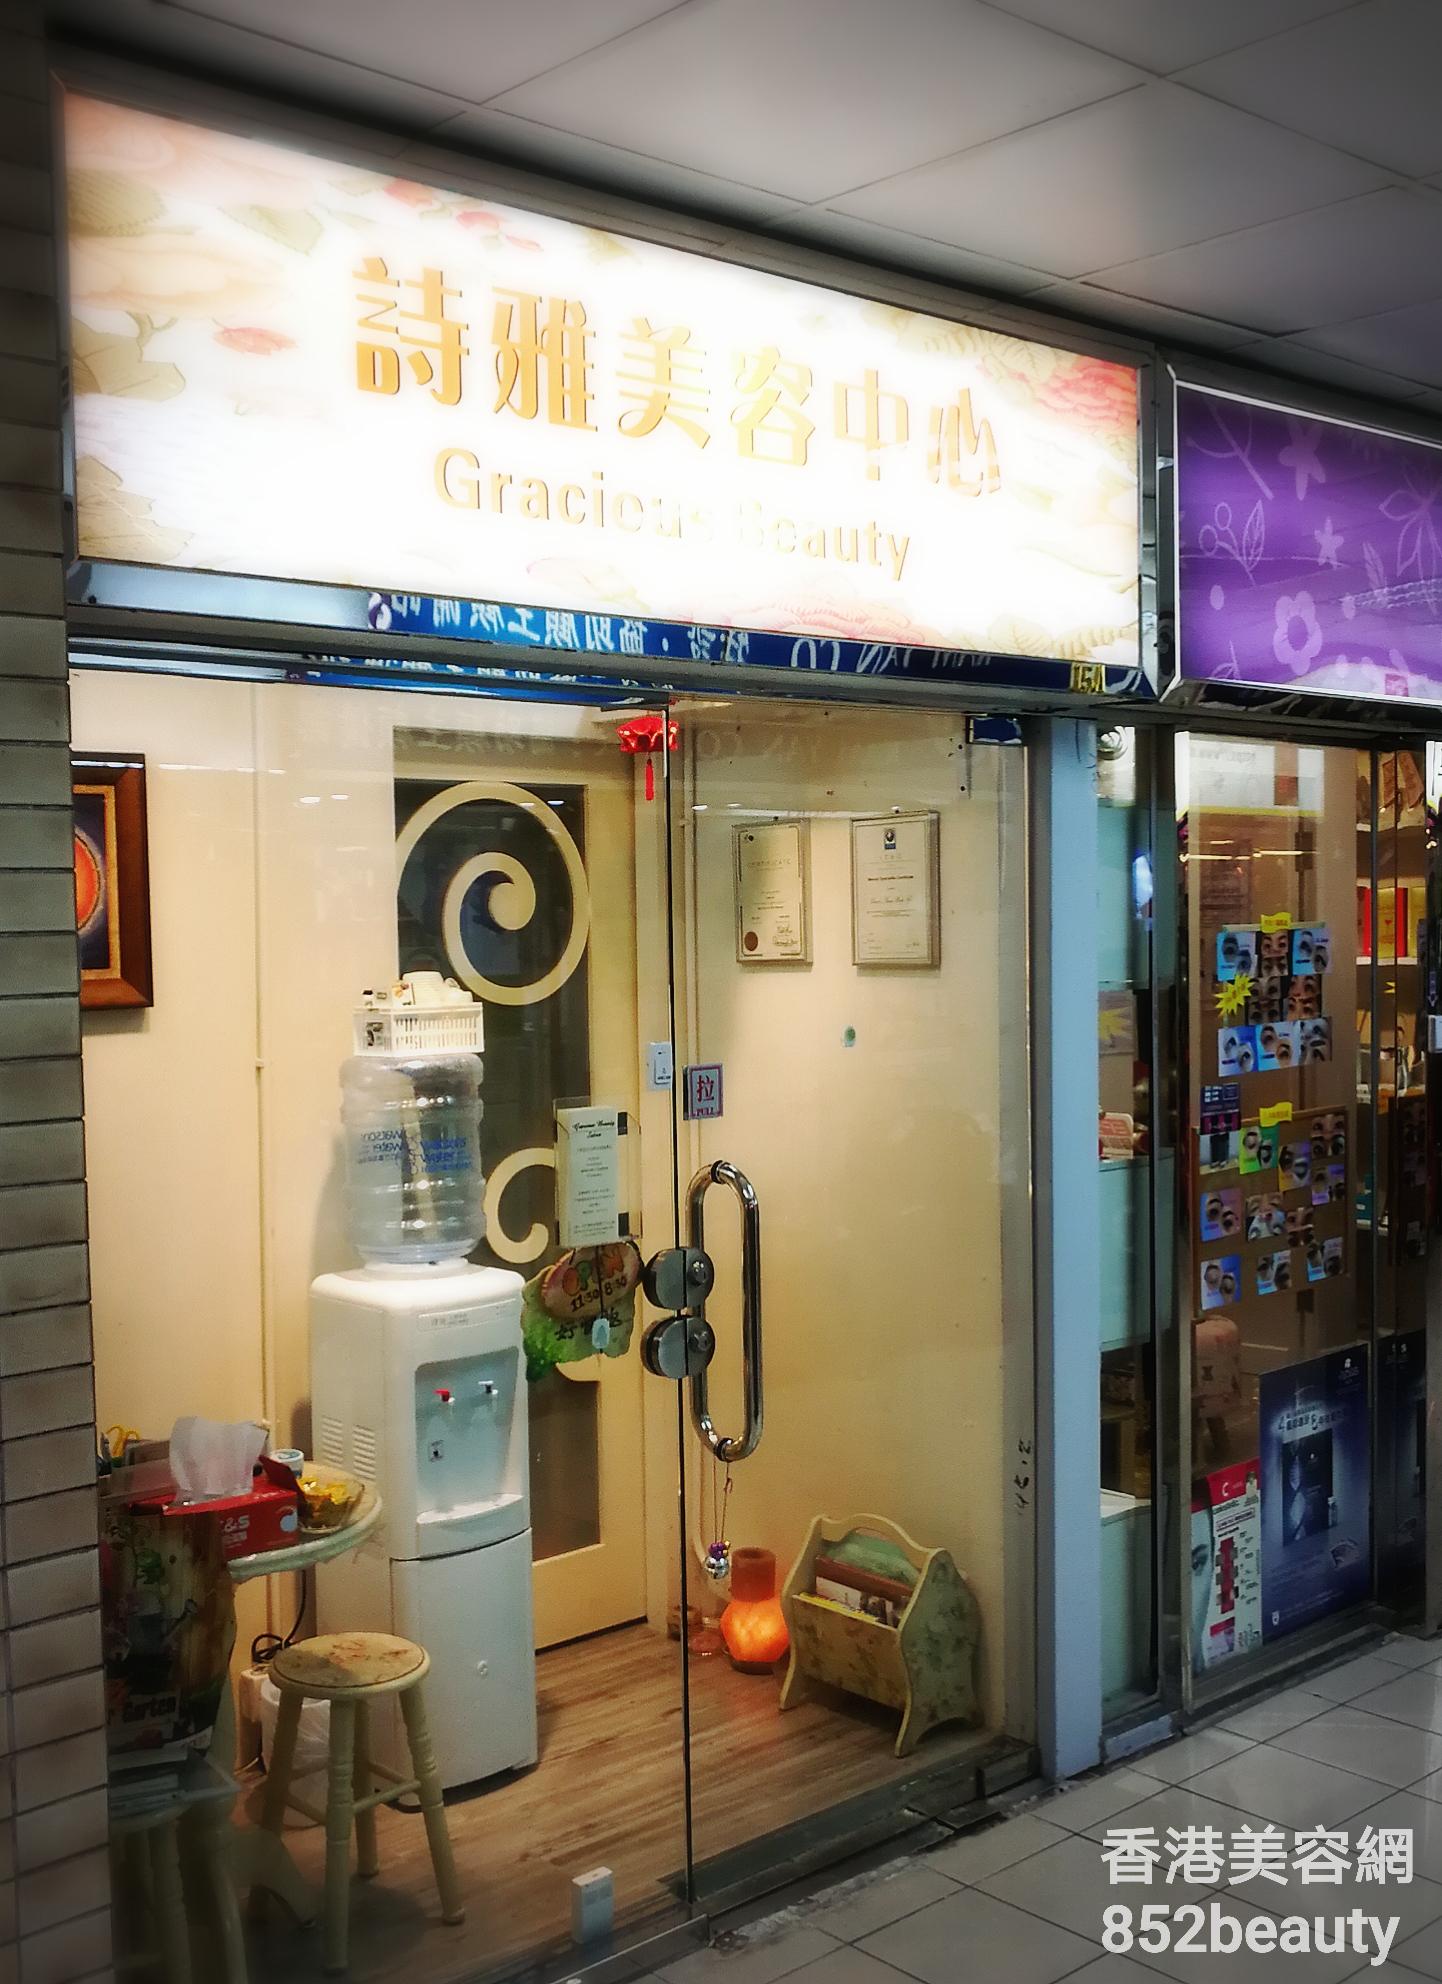 香港美容院 美容師 : 詩雅美容中心 @青年創業軍